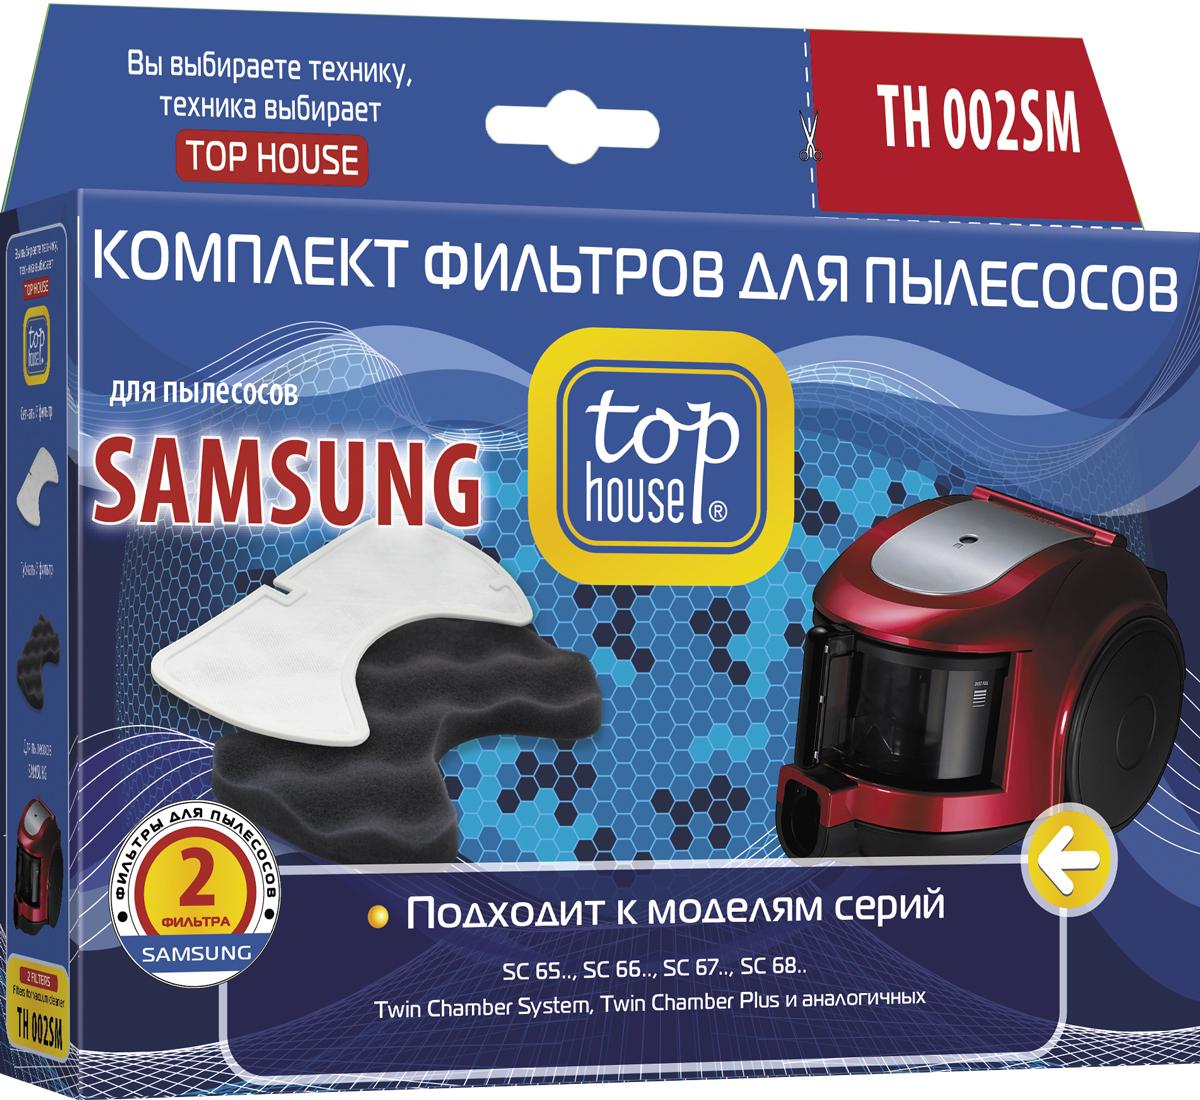 Top House TH 002SM комплект фильтров для пылесосов Samsung, 2 шт392821Top House TH 002SM комплект фильтров для пылесосов Samsung.Моющиеся фильтры Top House задерживают микрочастицы пыли. Служат для защиты мотора и электронных схем пылесоса от мелкодисперсной пыли.Изготовлены из эластичного пенополиуретана, пластика.